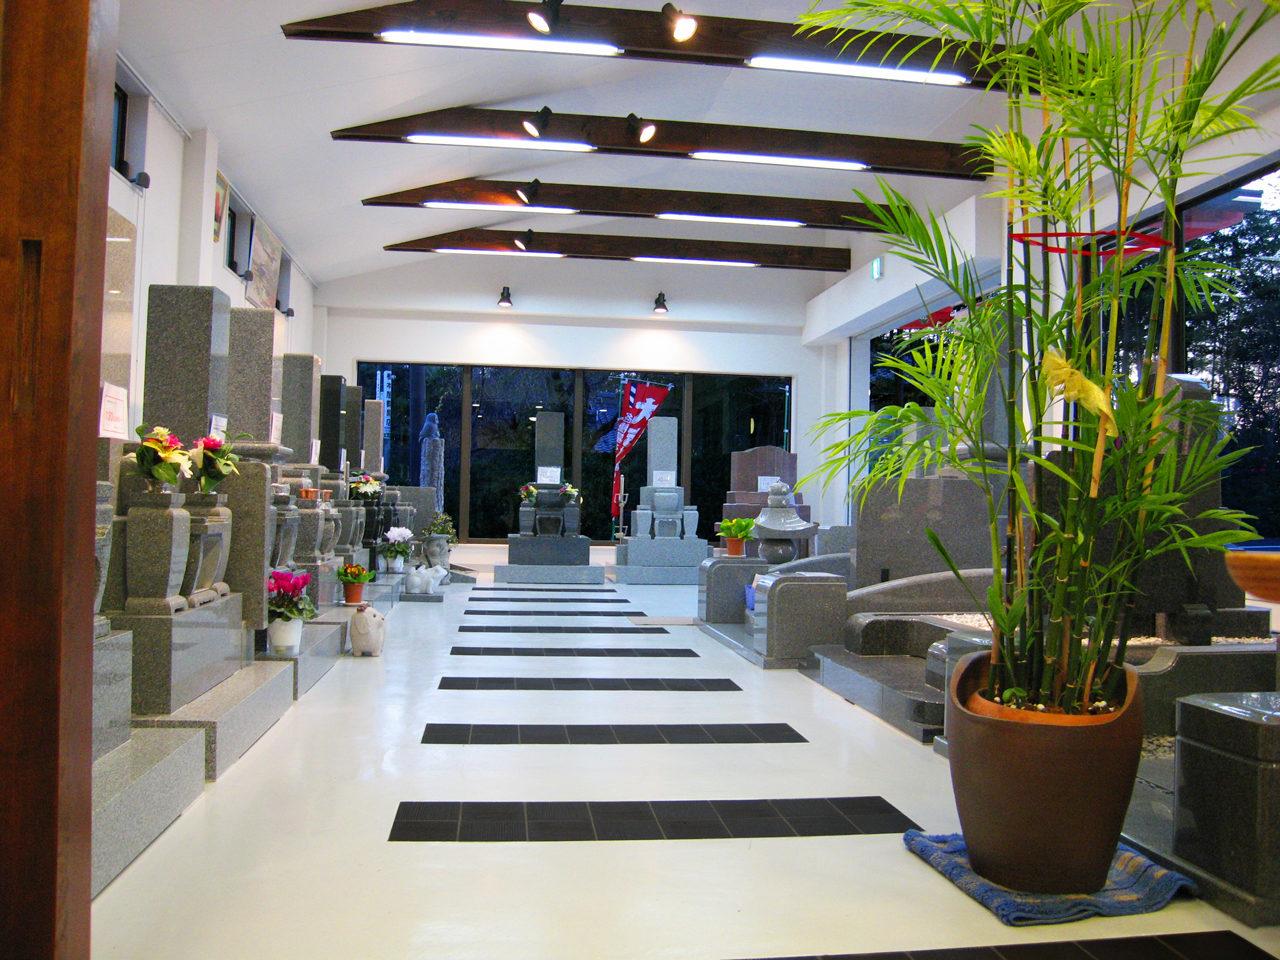 中村石材|石材店、墓石屋併用住宅の展示ショールーム、事務所の新築設計、店舗デザイン